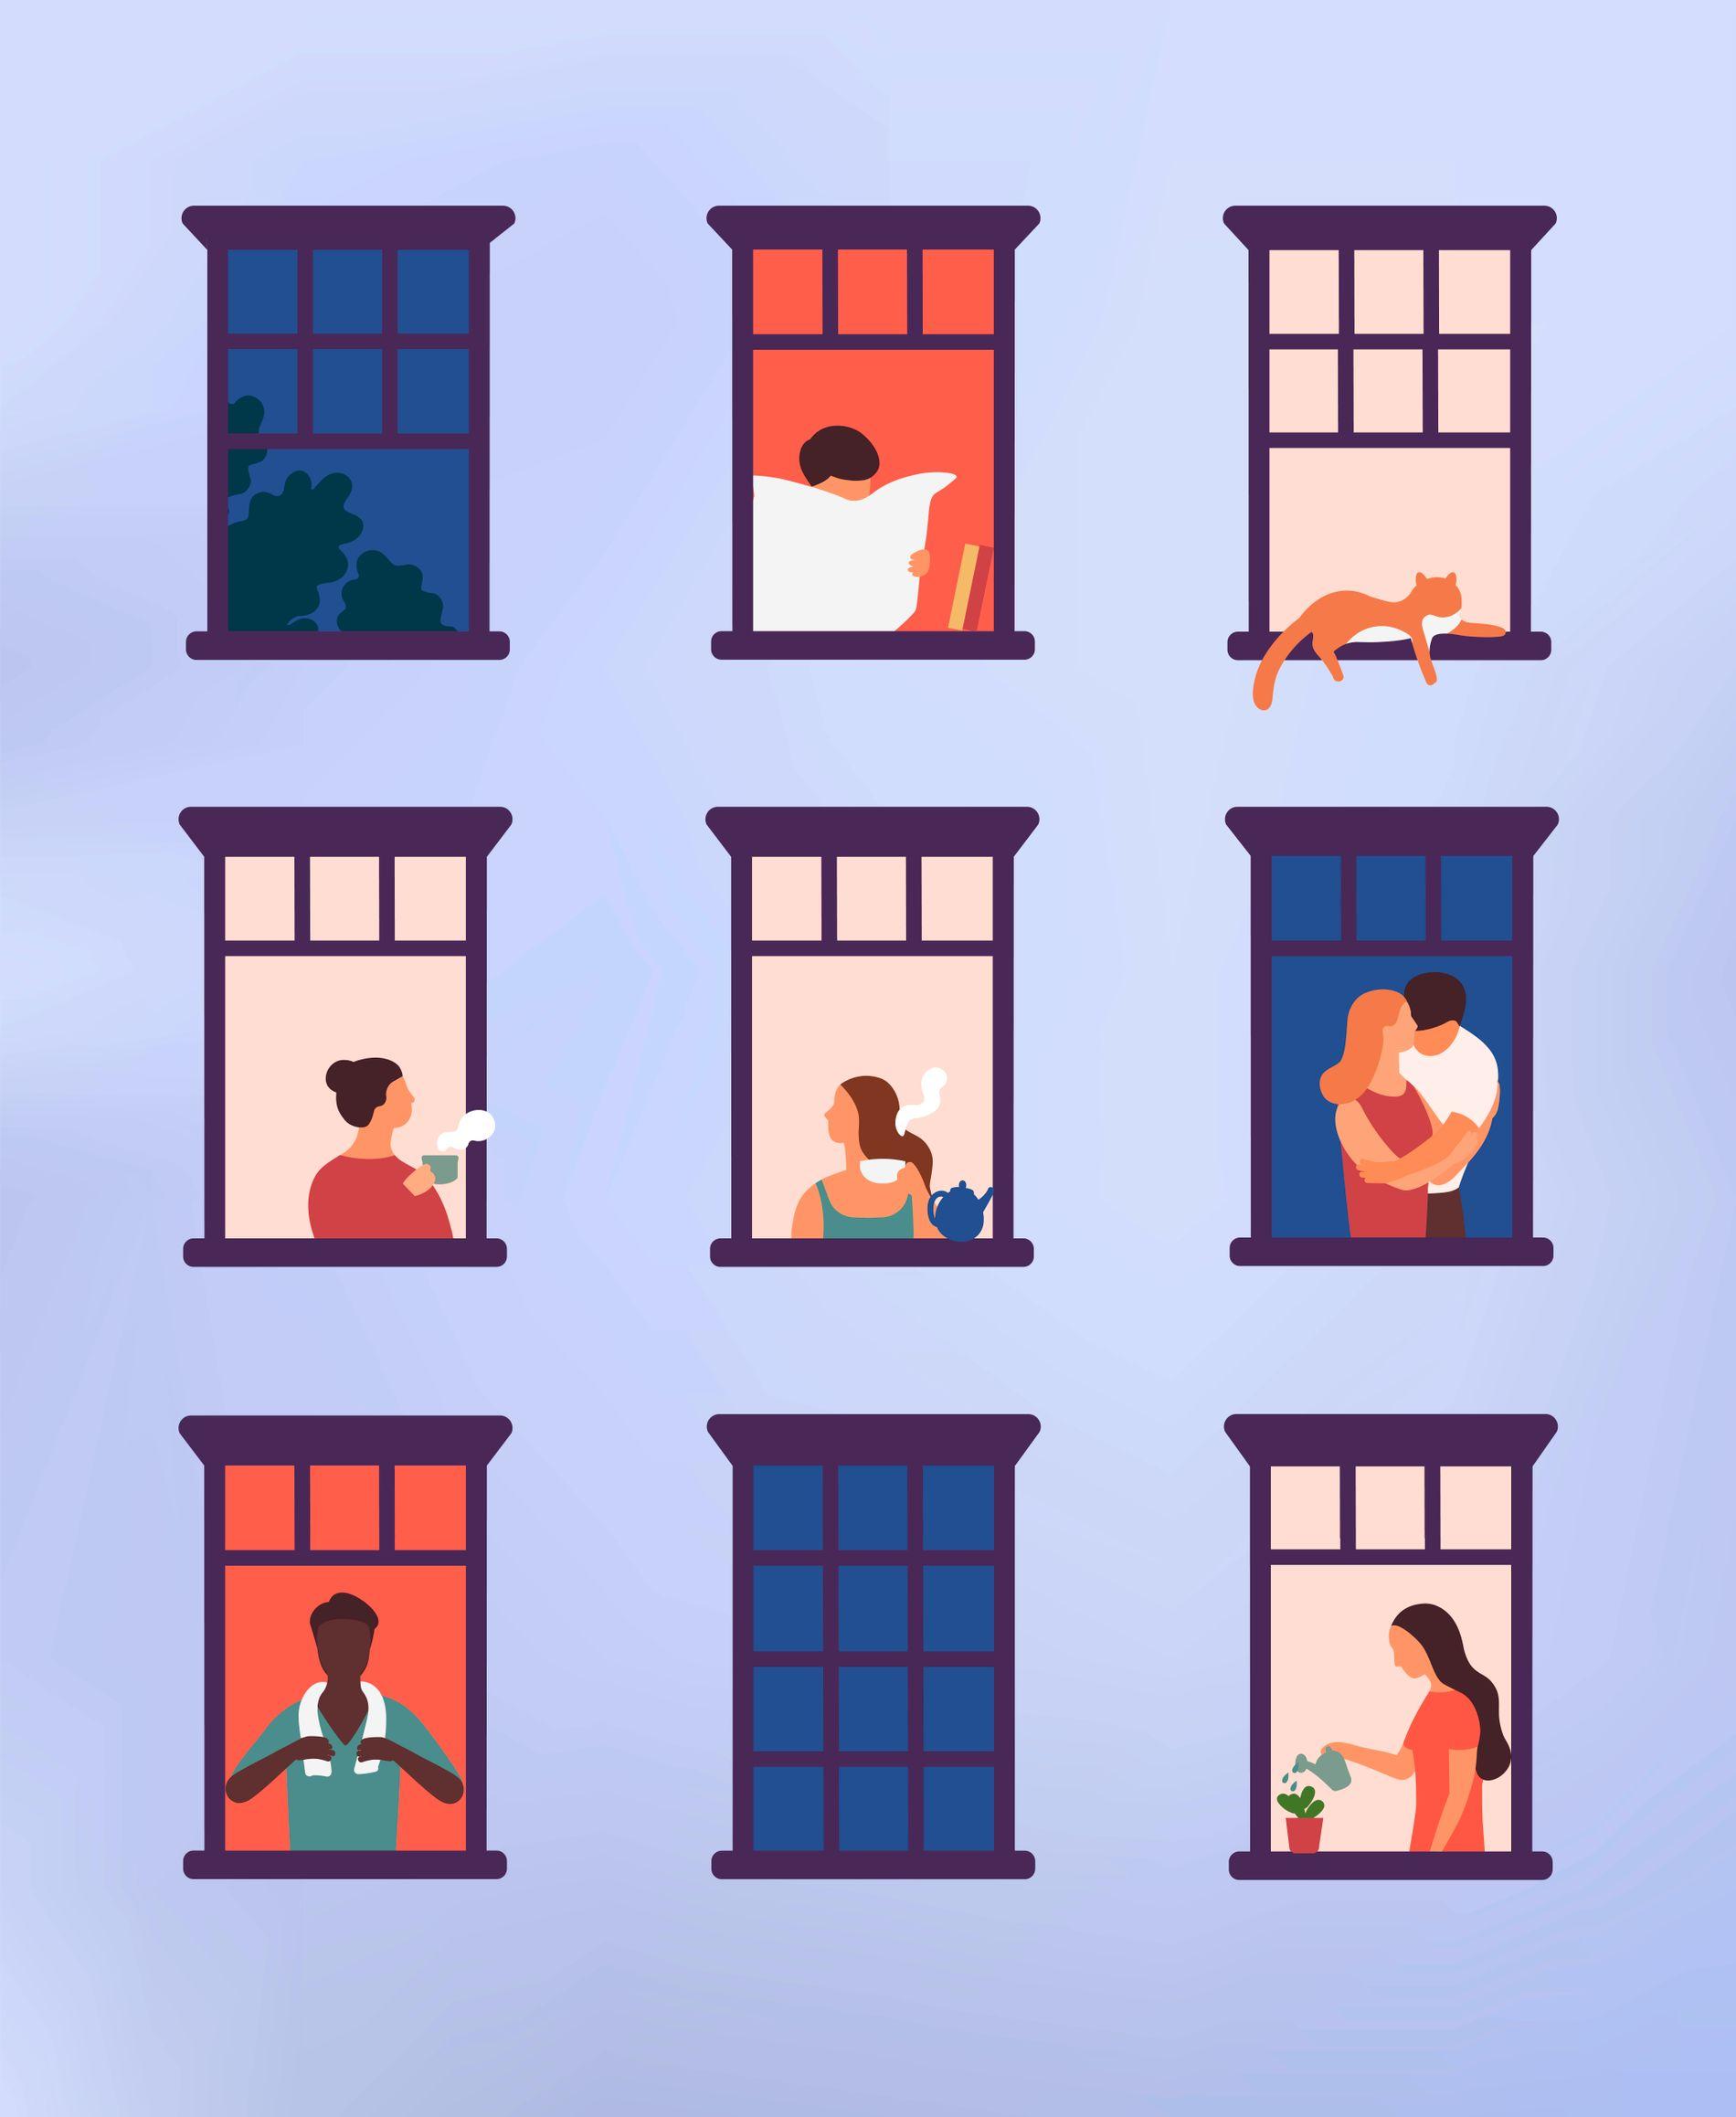 GODT NABOSKAP: Kjernen i mange nabokonflikter er at vi føler oss krenket eller ydmyket, skriver innsenderen, som gir flere gode råd for å unngå problemet. Illustrasjon: Shutterstock